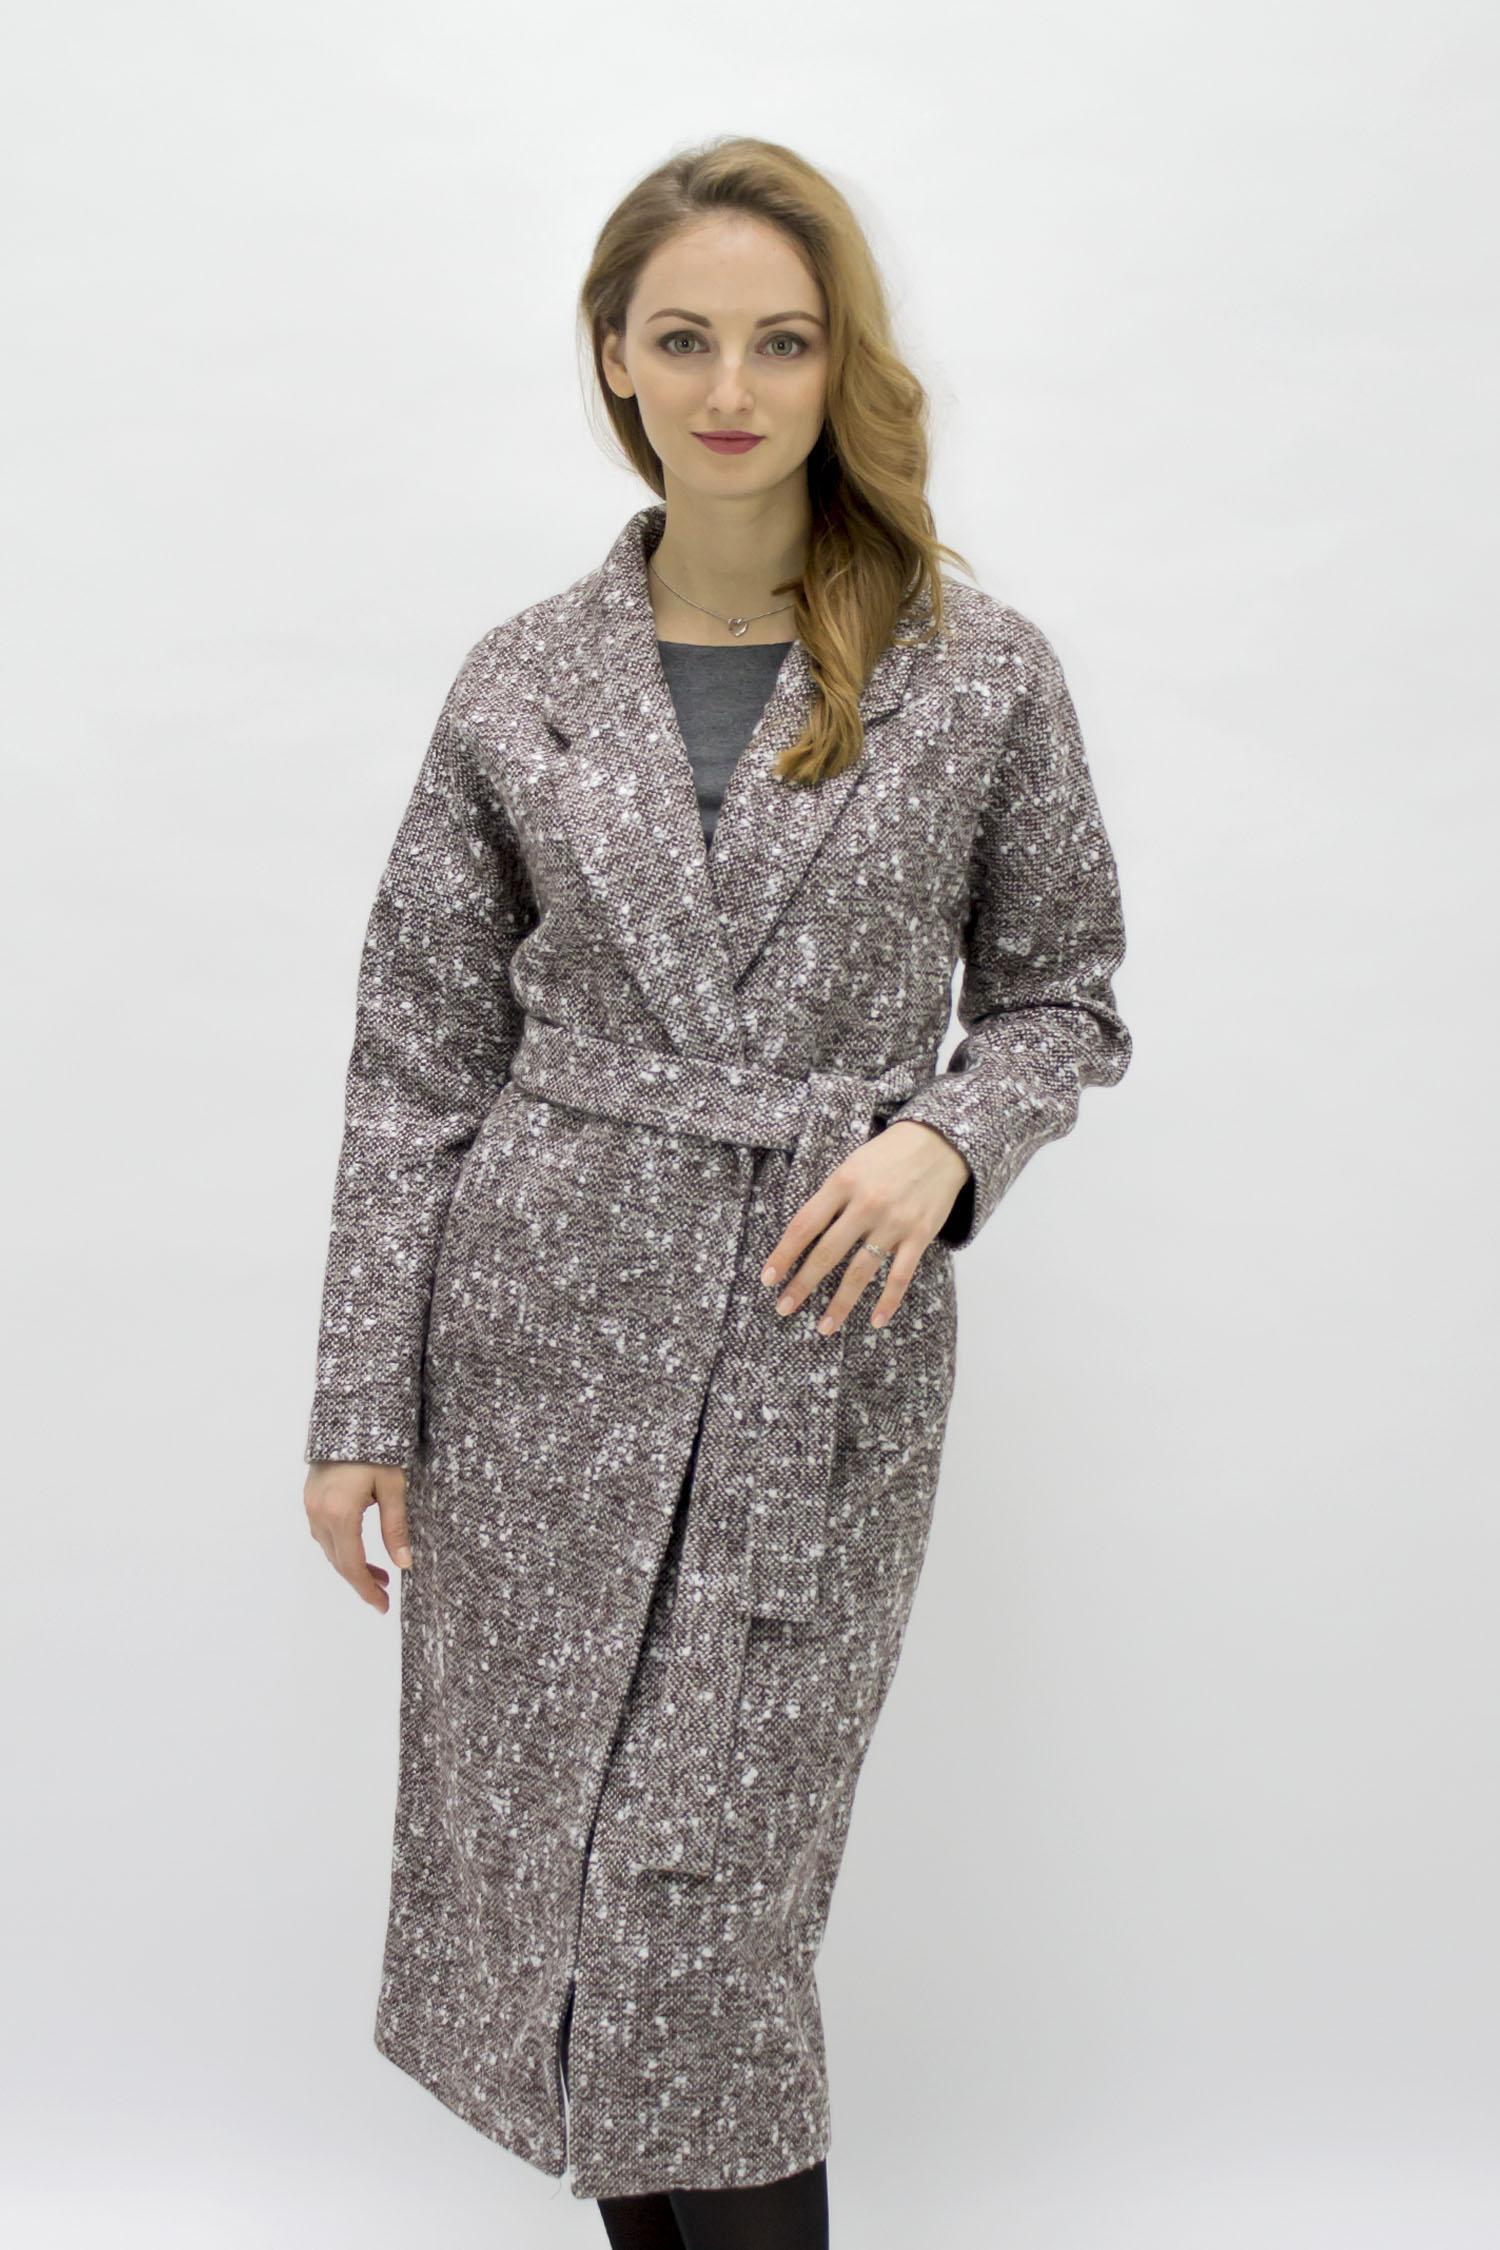 Женское пальто из текстиля с воротником, без отделки МОСМЕХА